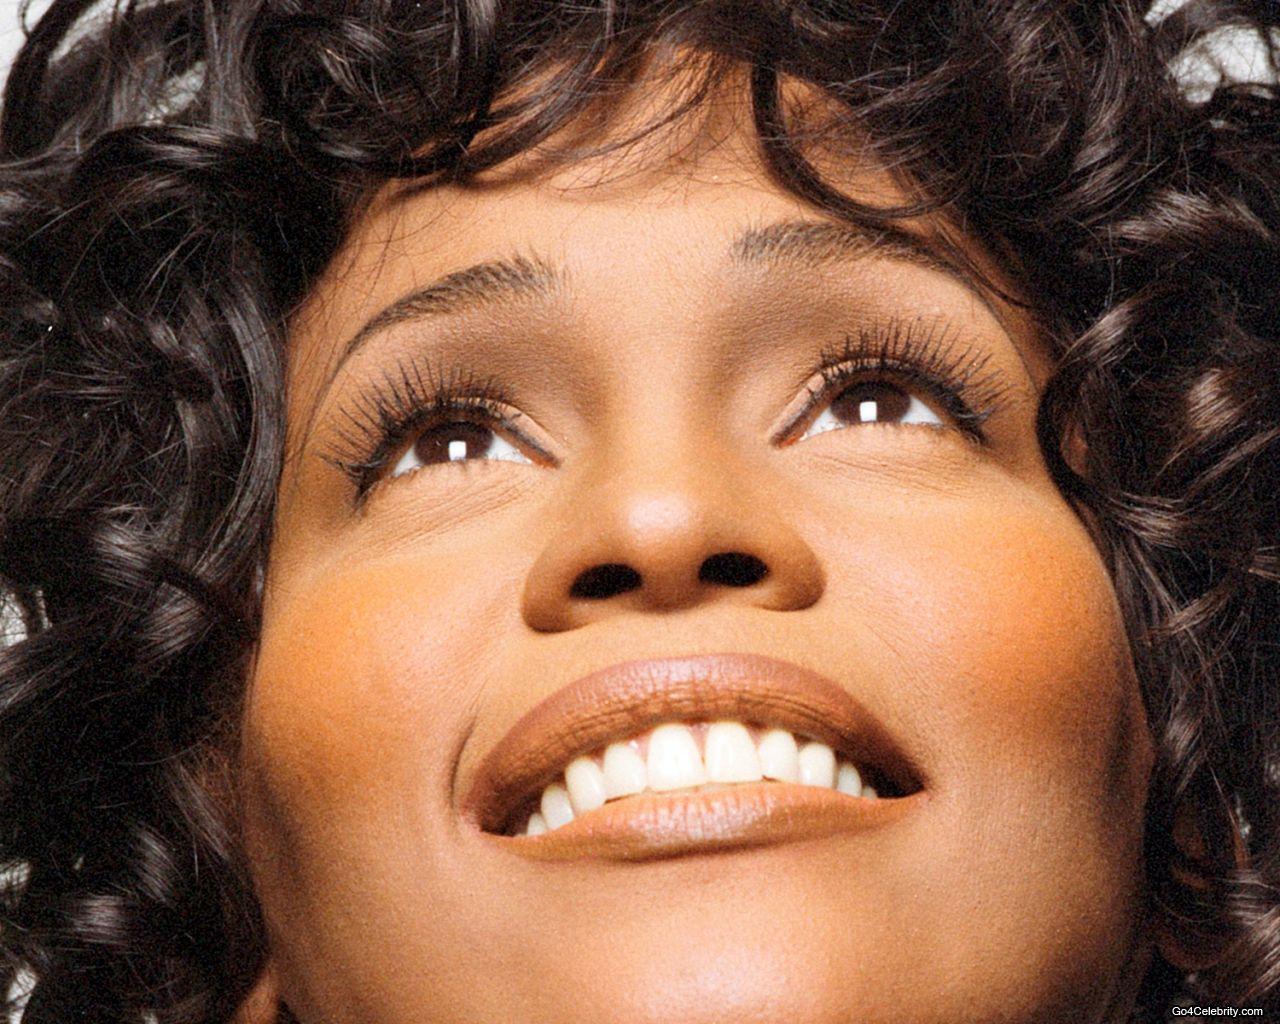 http://2.bp.blogspot.com/-CQ4Qh1NrU6k/Tzeo2R-oSNI/AAAAAAAADVA/_0gTgKdSLQE/s1600/Whitney-Houston.jpg